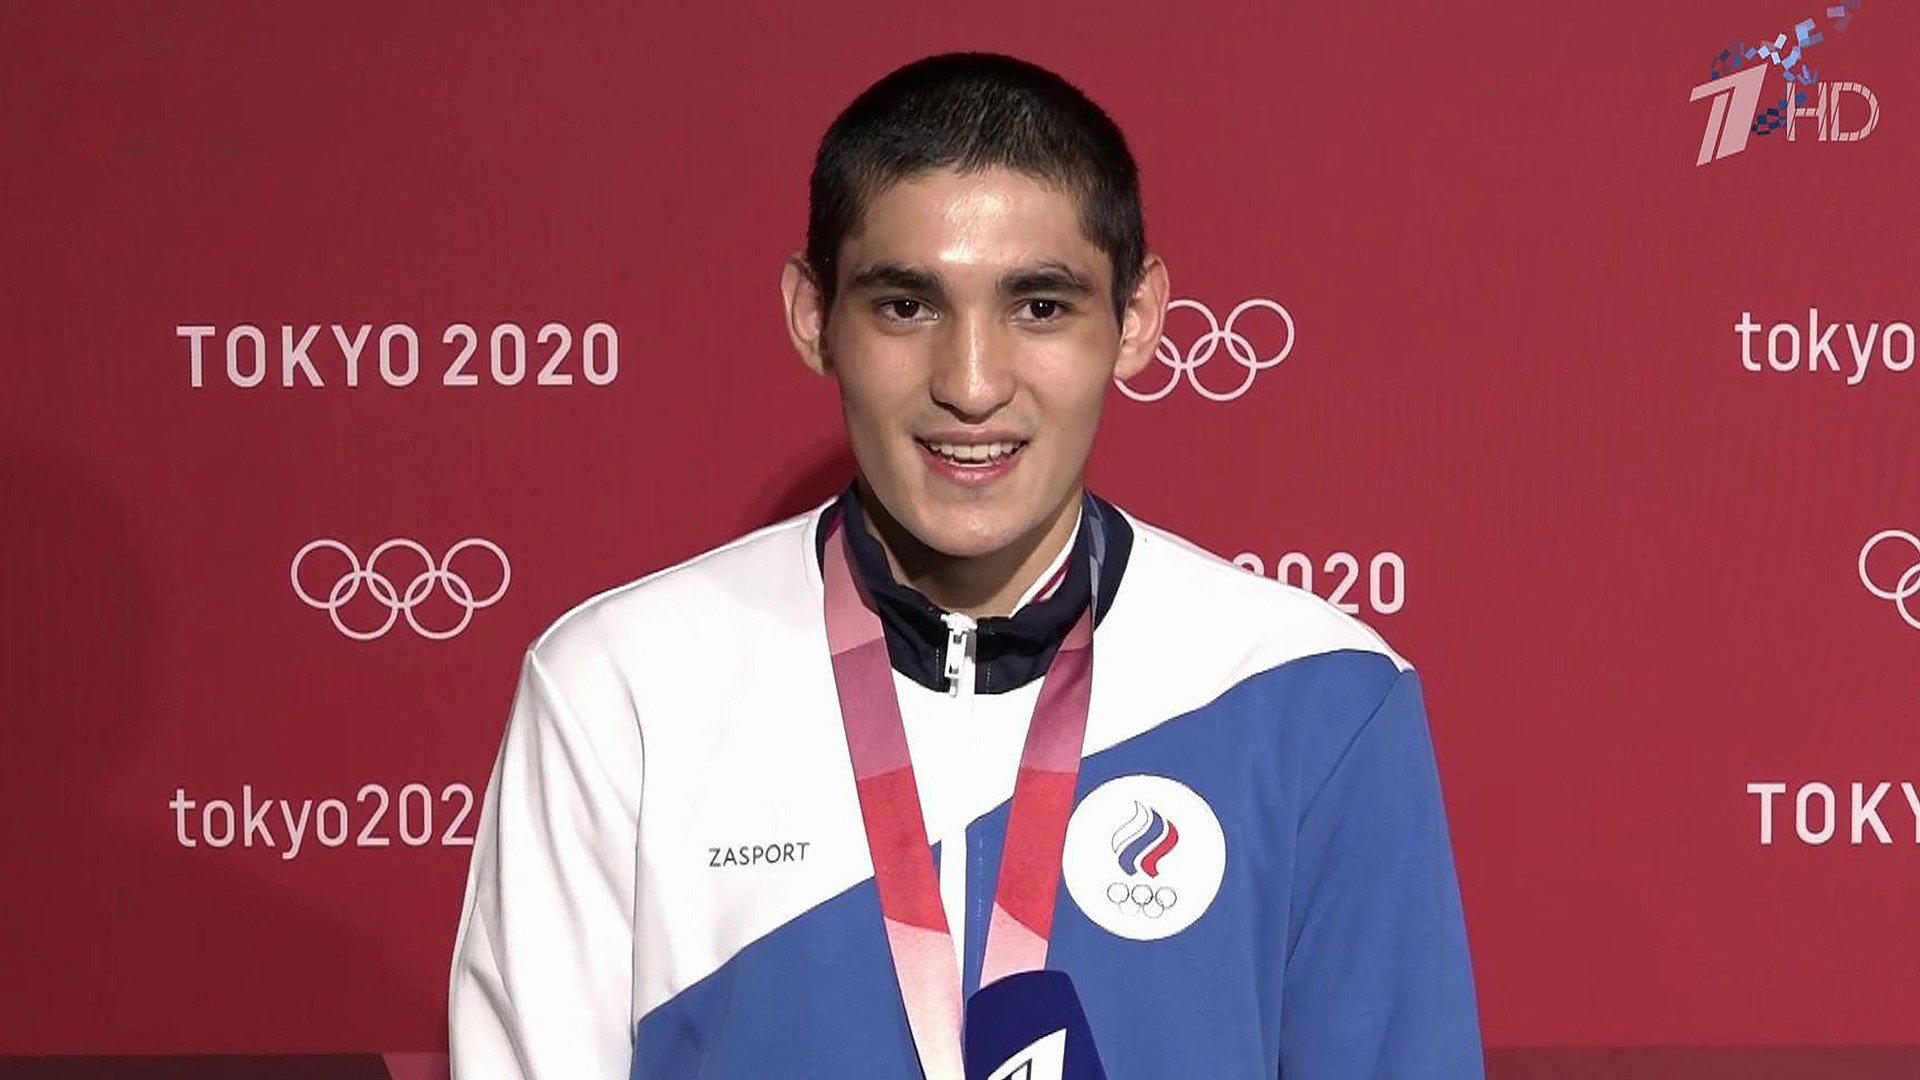 Пять медалей завоевали российские спортсмены вочередной день Олимпиады